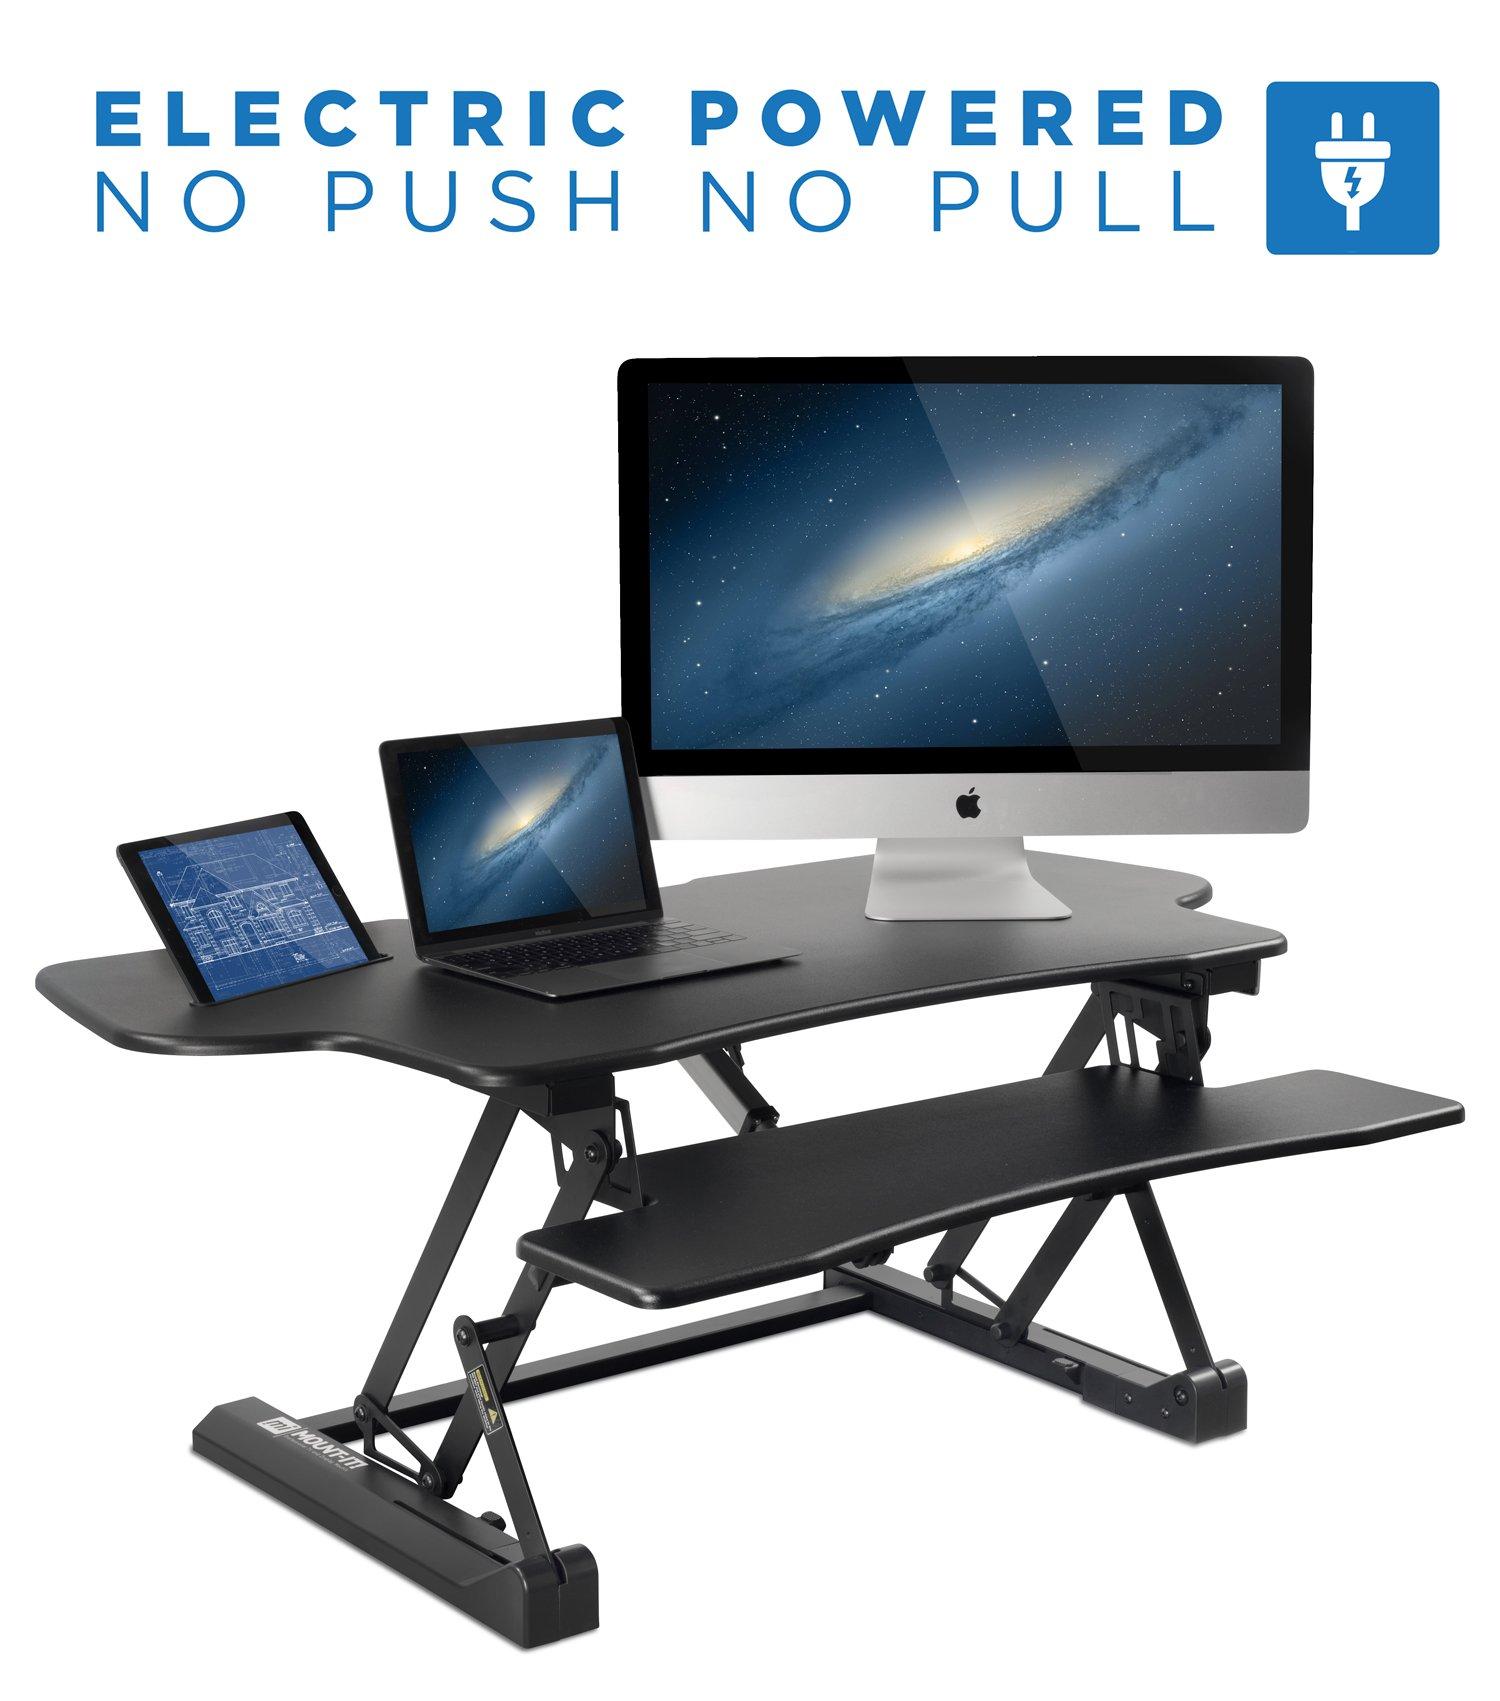 Mount-It! Electric Standing Desk Converter, 48'' Wide Motorized Sit Stand Workstation, Ergonomic Height Adjustable Tabletop Desk, Black